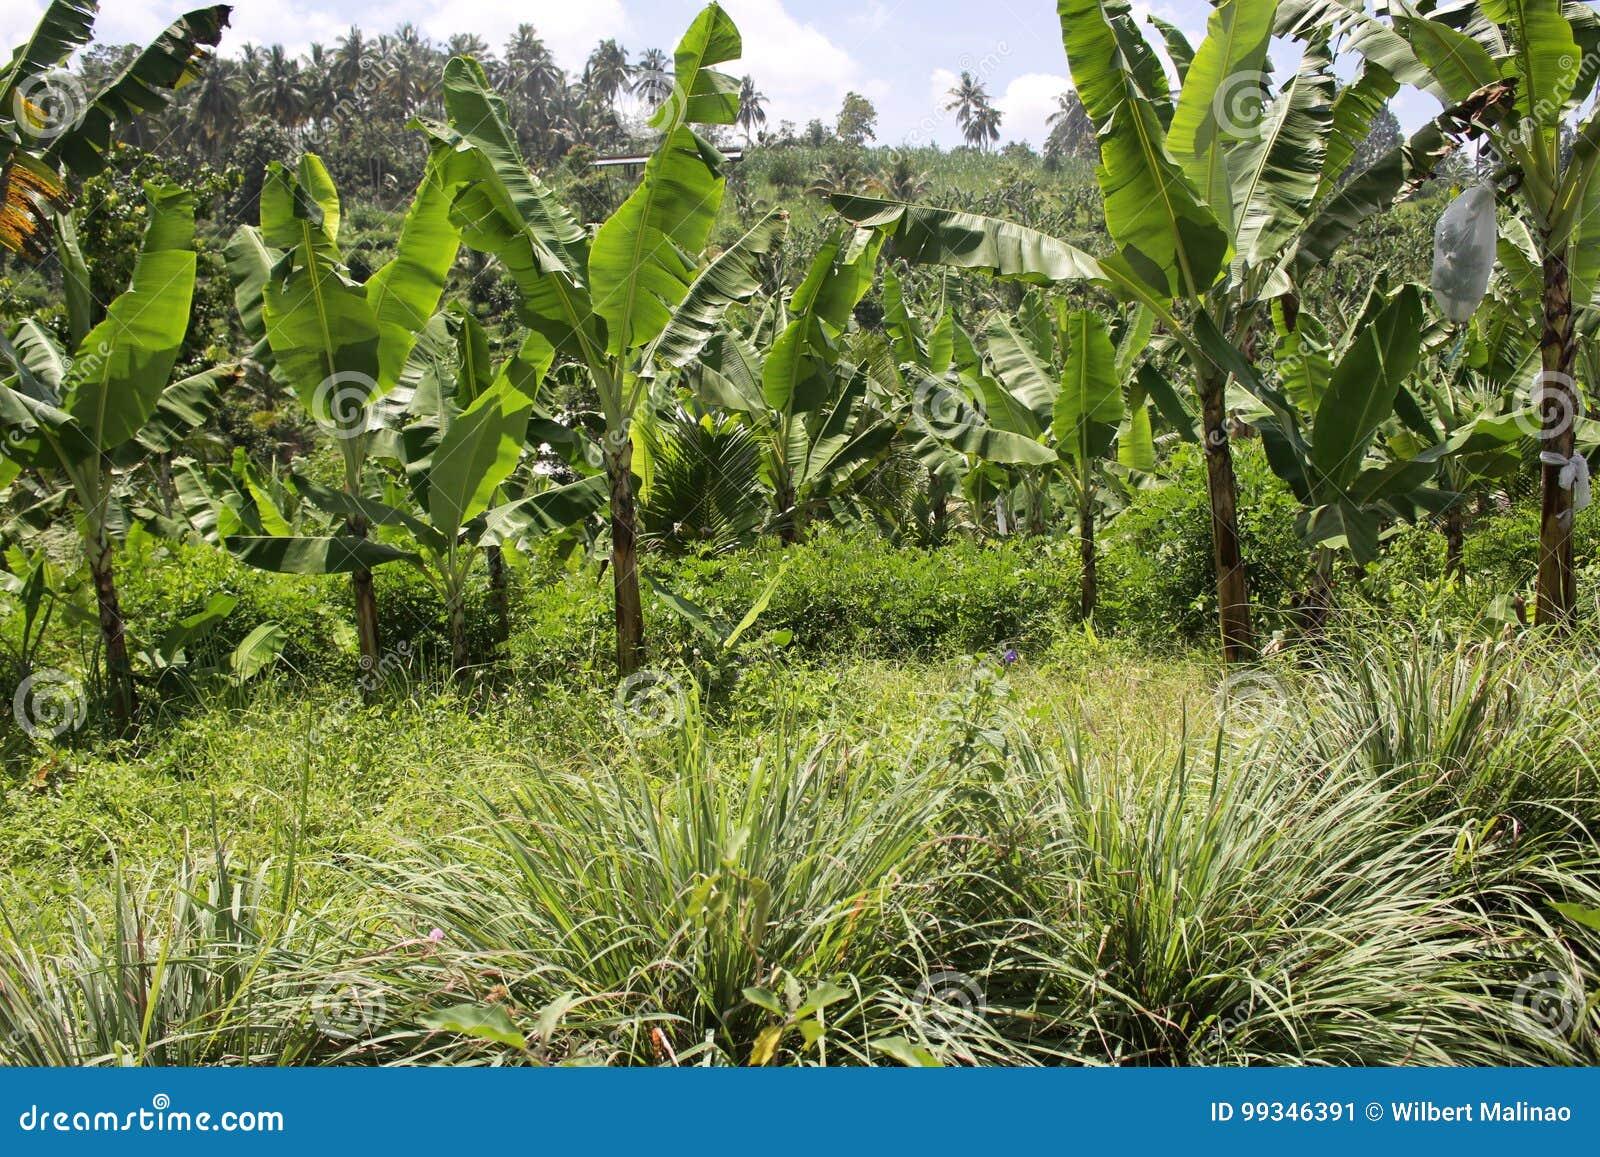 Bananer i högländerna undercropped vid citrongräs